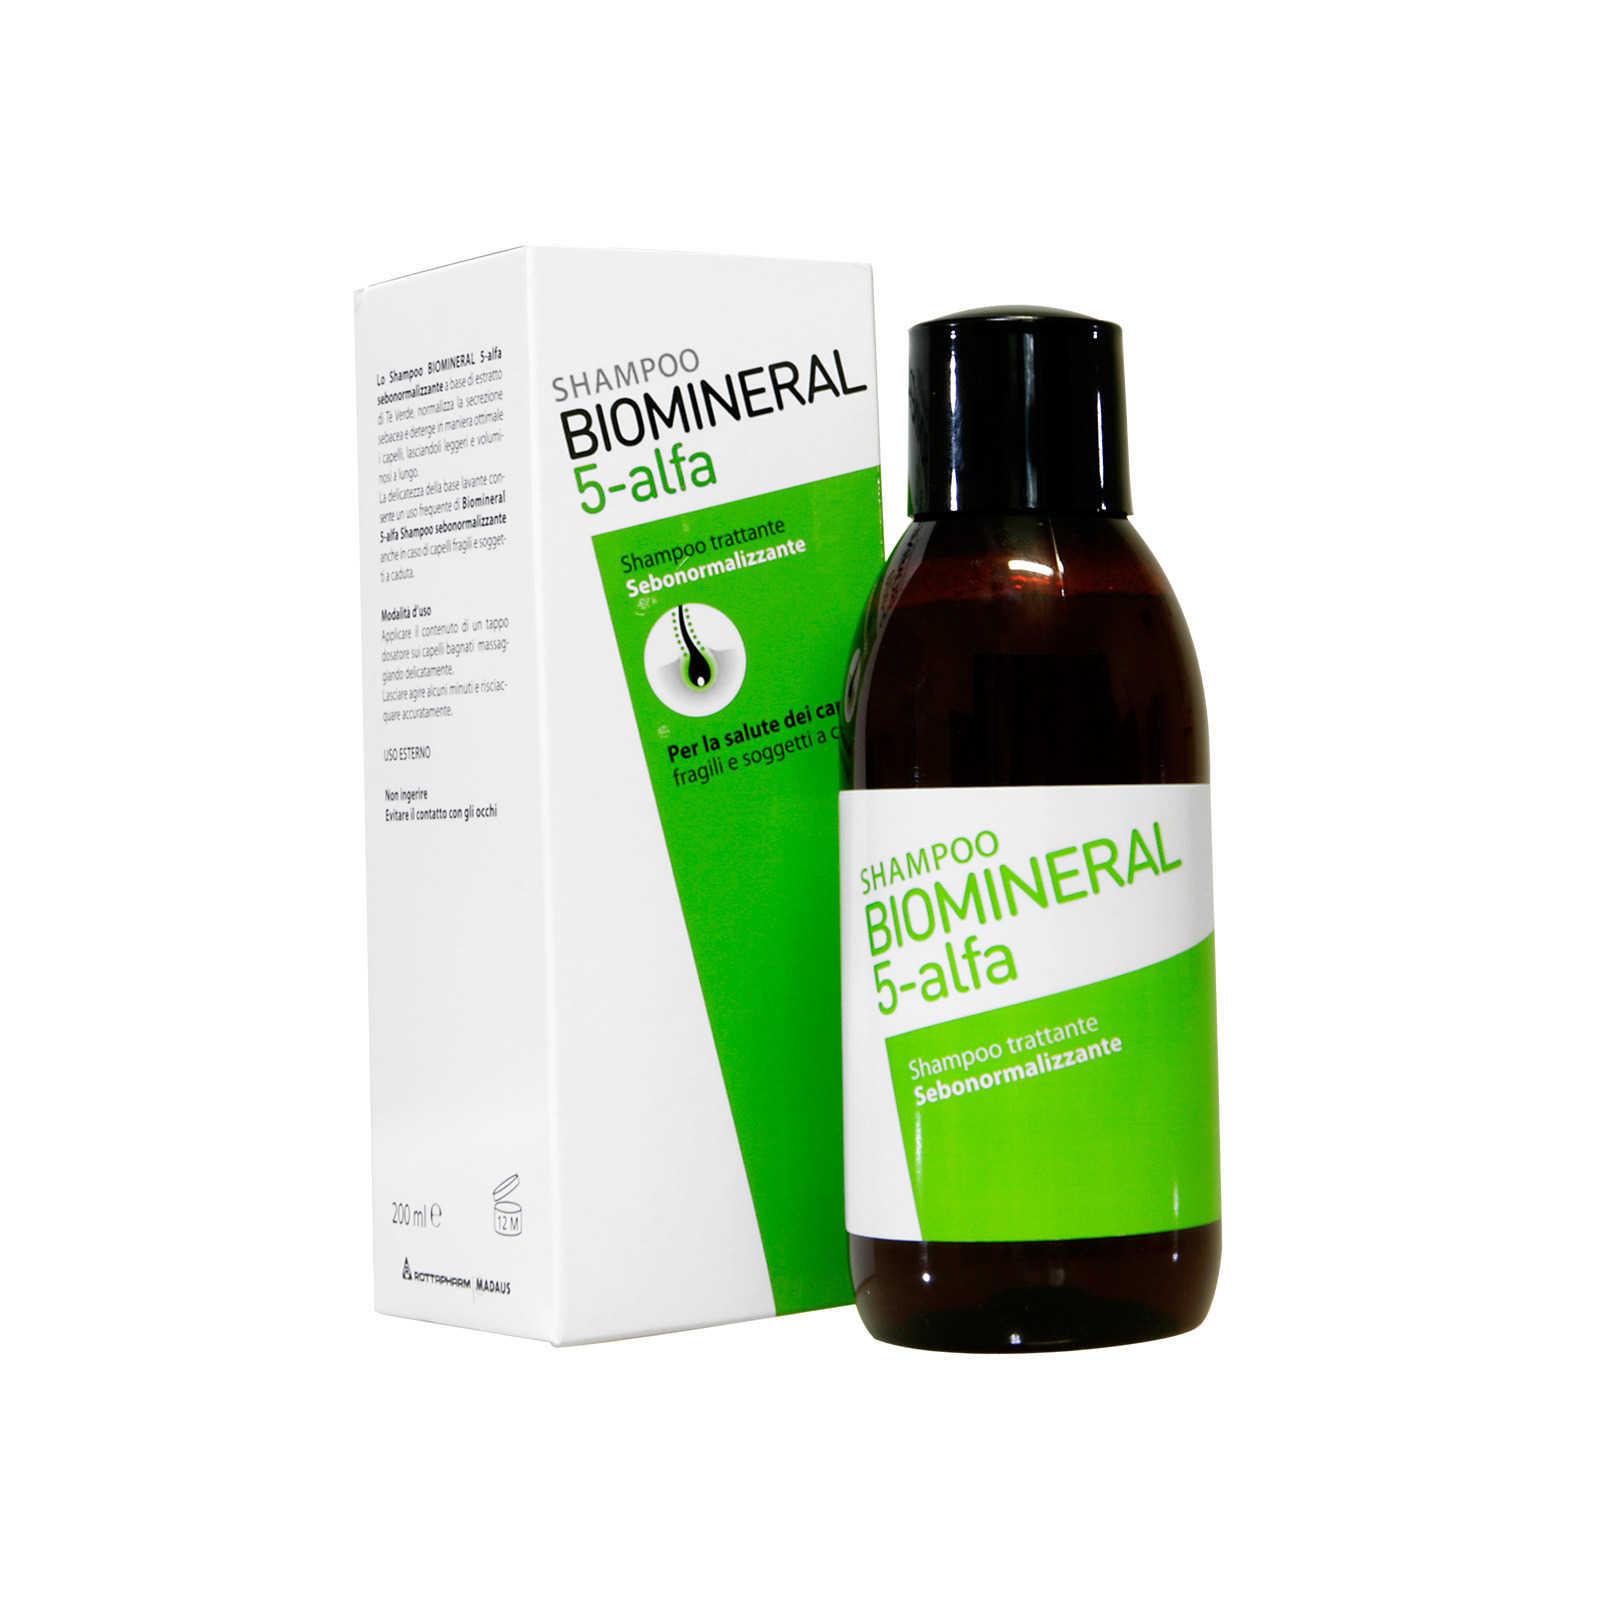 Biomineral - 5-alfa - Shampoo sebonormalizzante